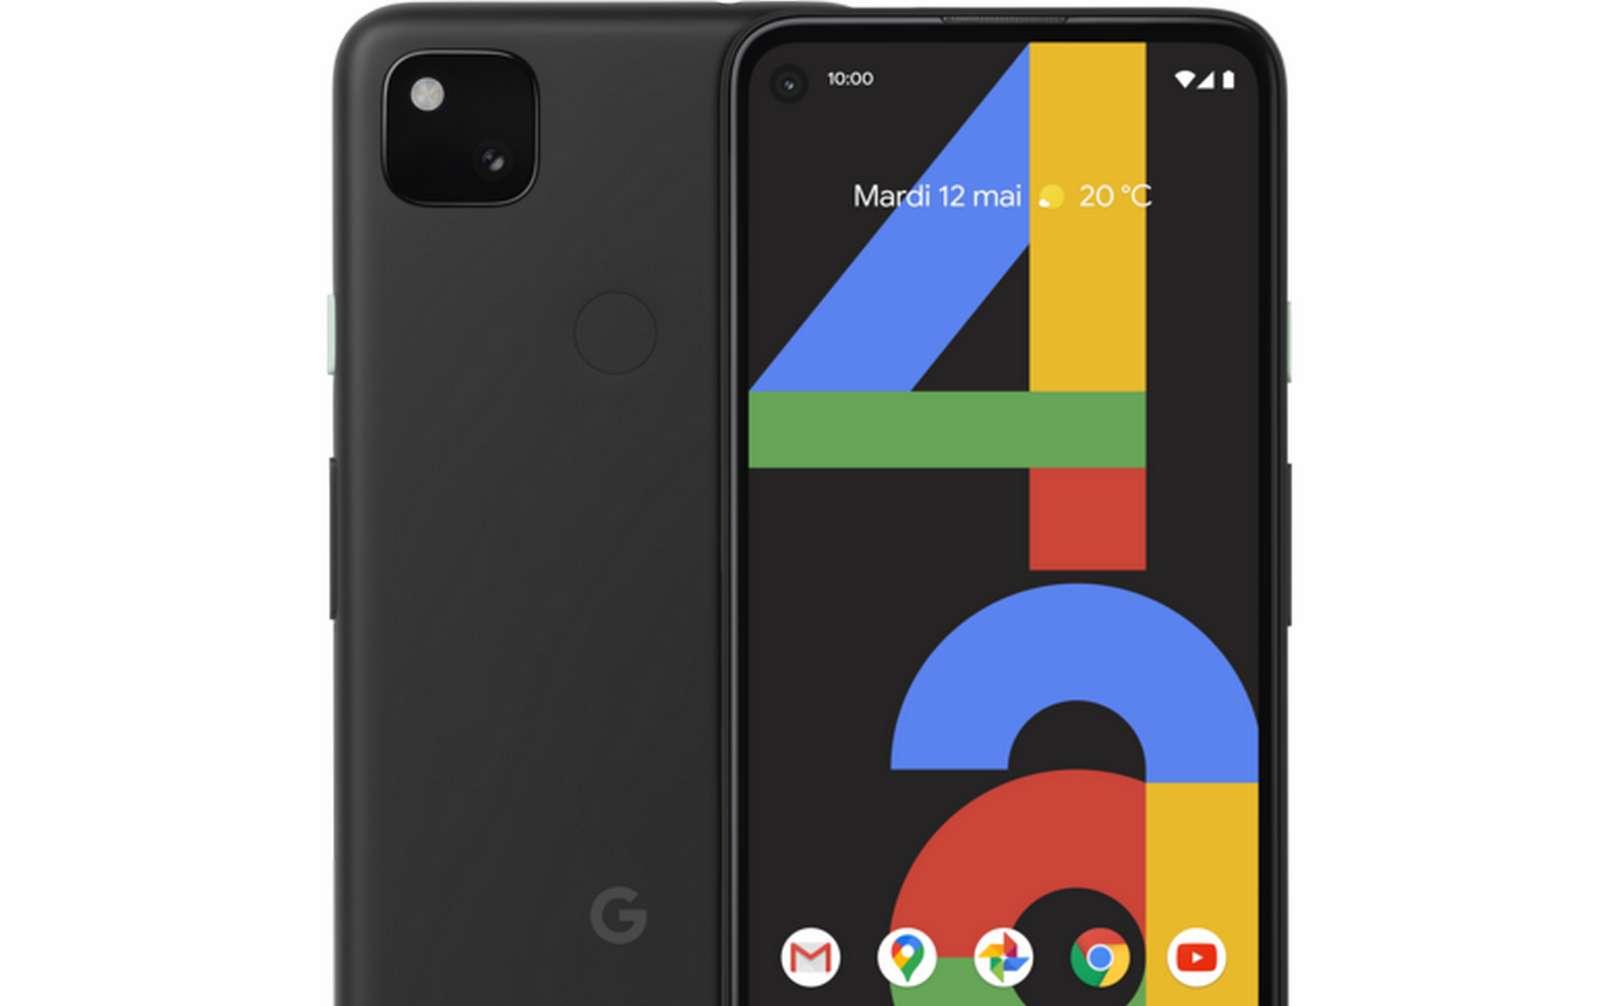 Le Pixel 4a de Google est disponible à 349 euros depuis le 1er octobre. © Google